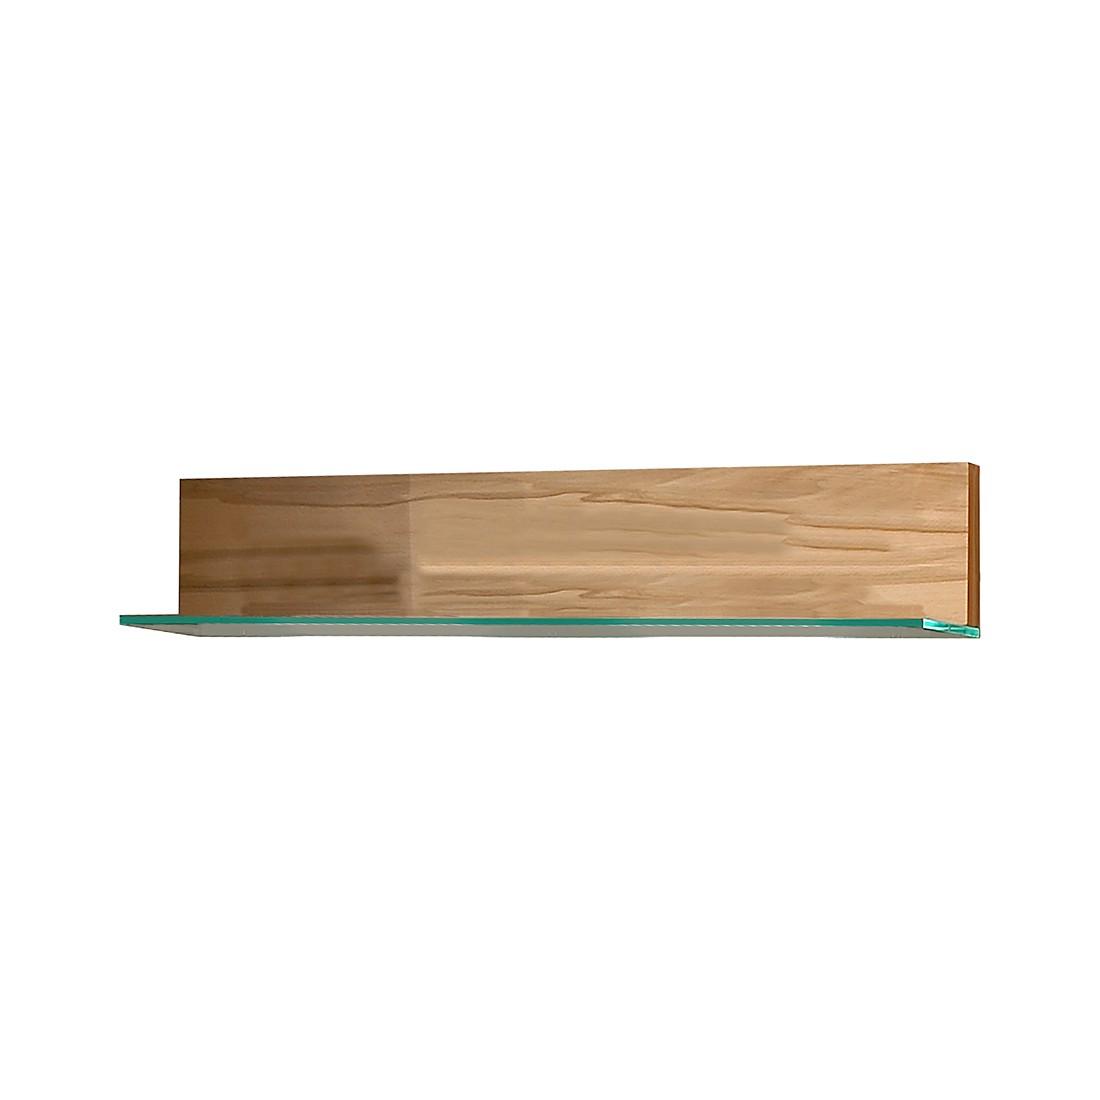 Wandboard Vita – Kernbuche – Ohne Beleuchtung – 120 cm, Felke bestellen